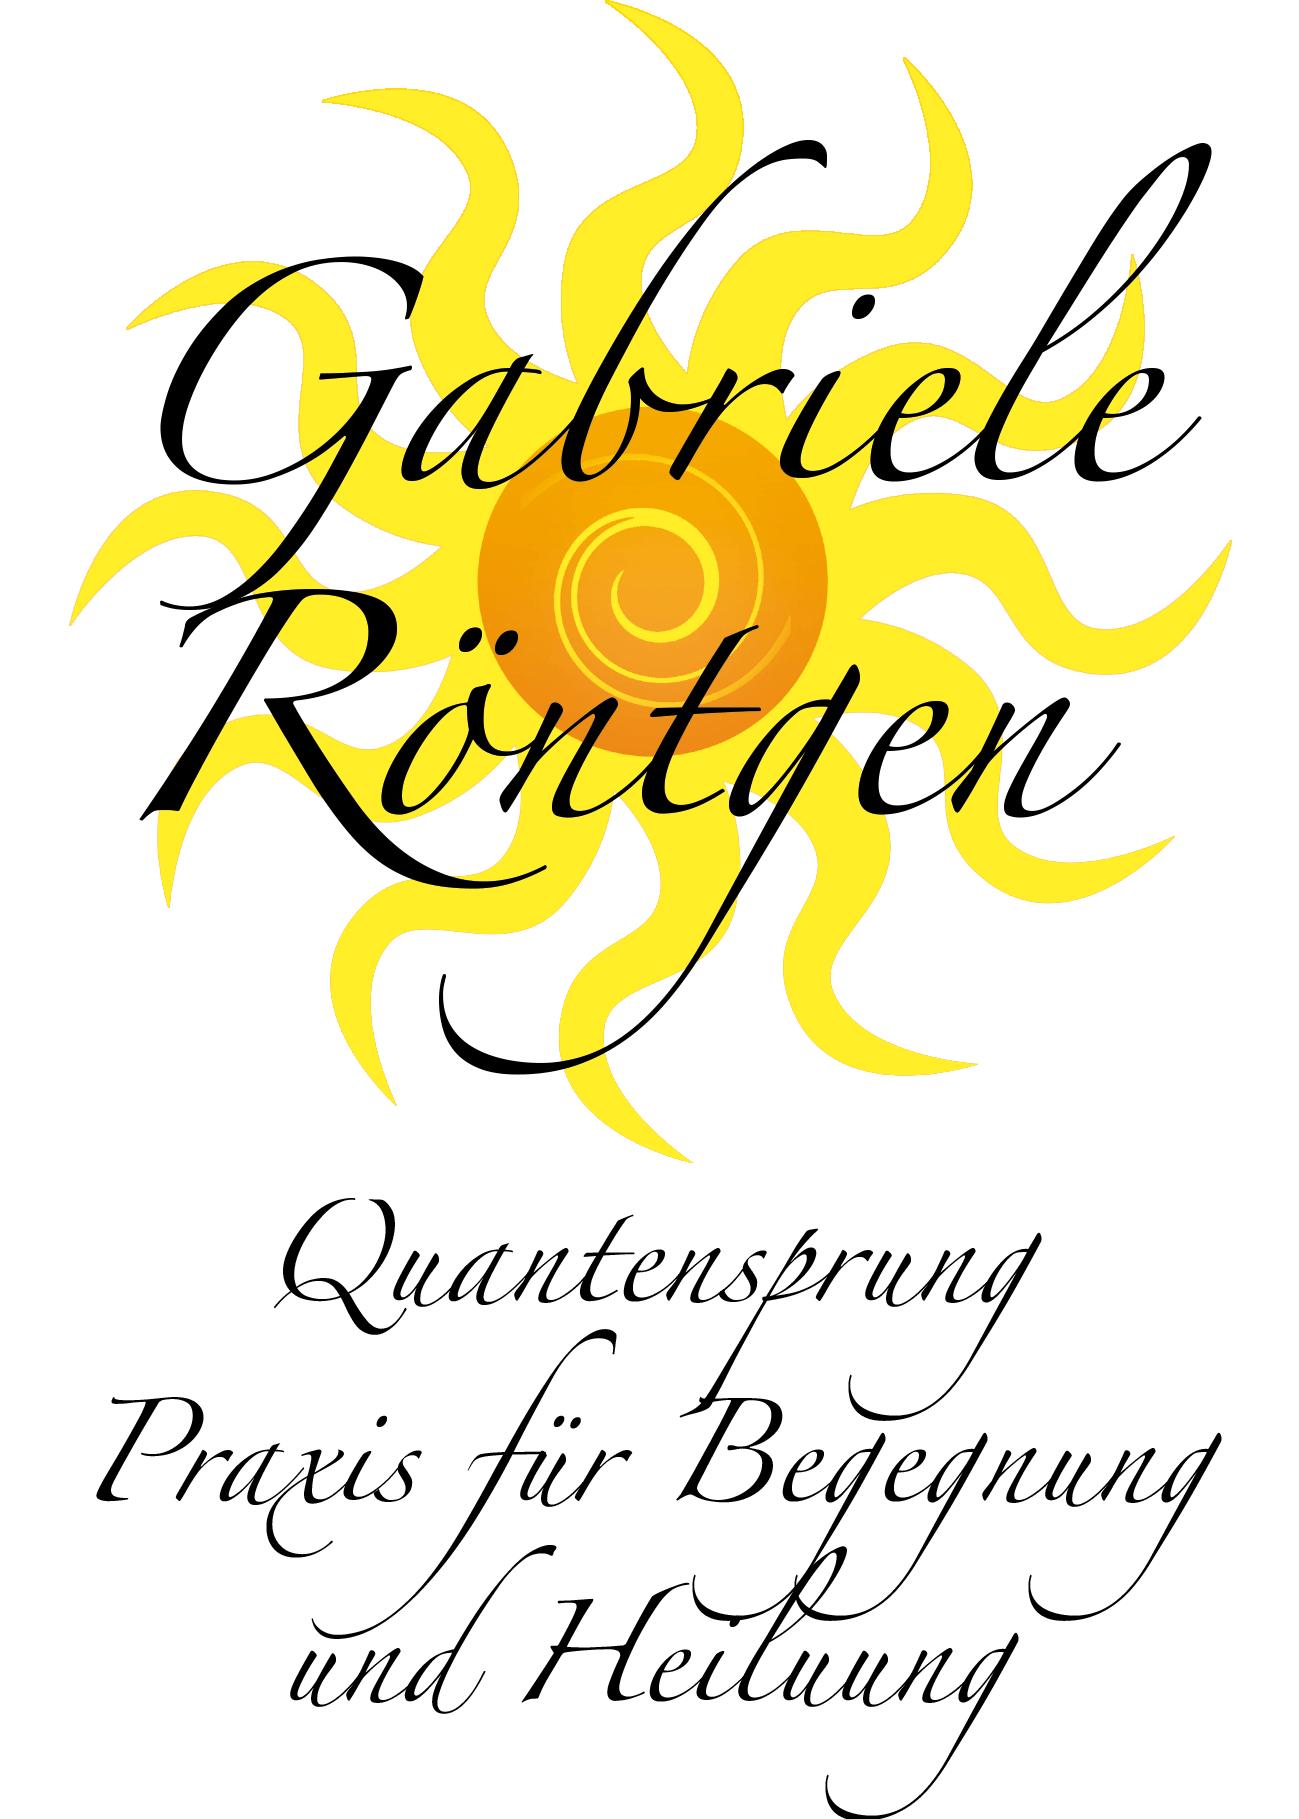 Heilpraxis Gabriele Röntgen